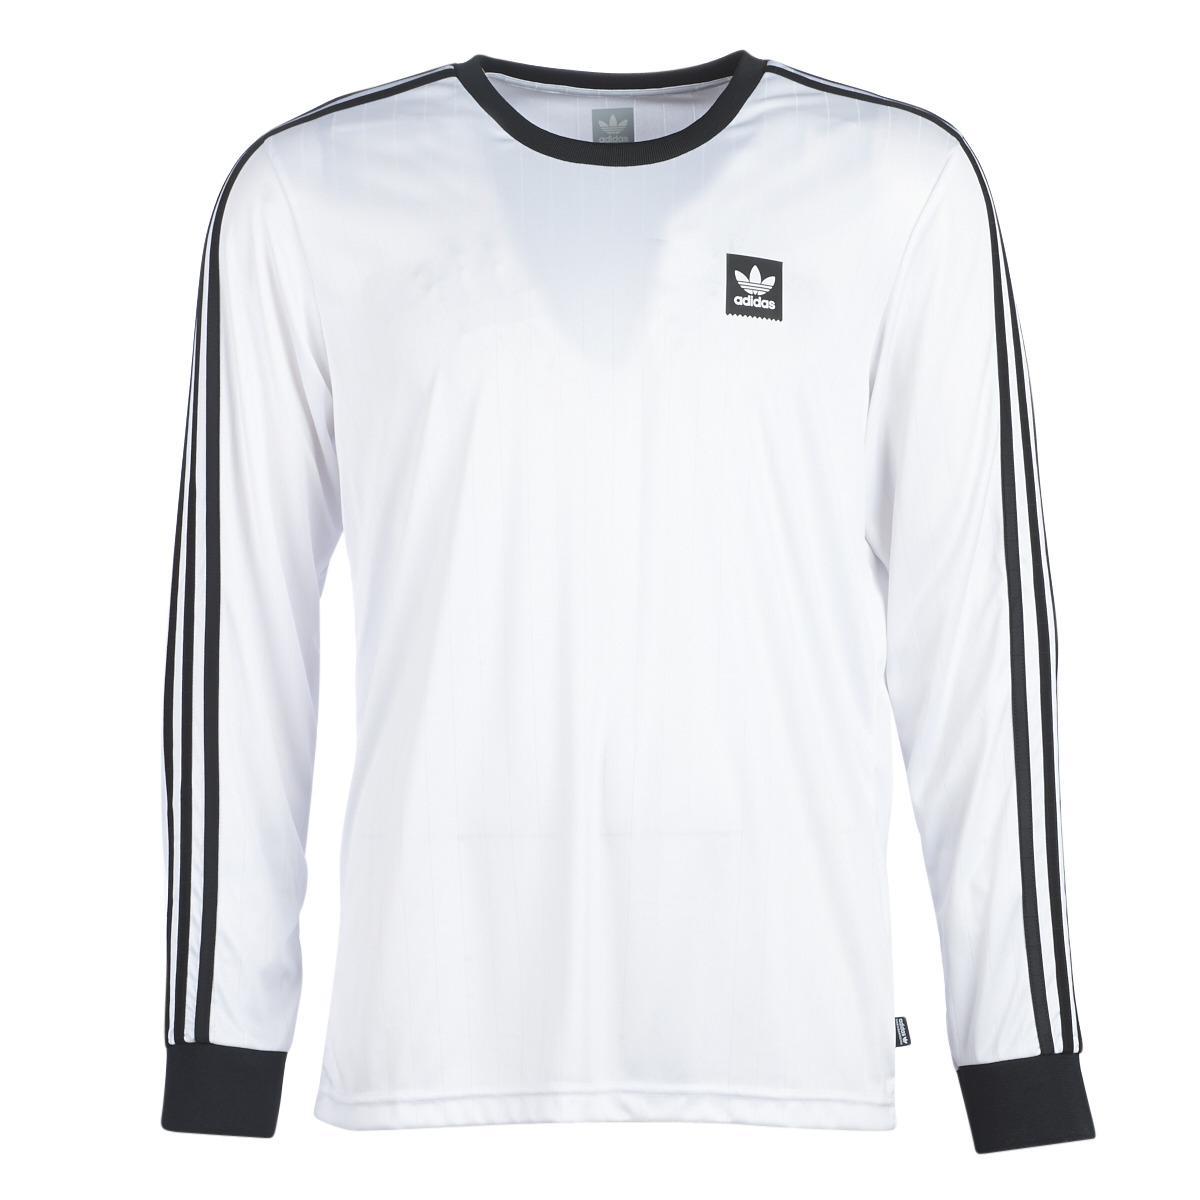 the best attitude 8d5cc 8d7da Adidas - White Ls Club Jersey Long Sleeve T-shirt for Men - Lyst. View  fullscreen